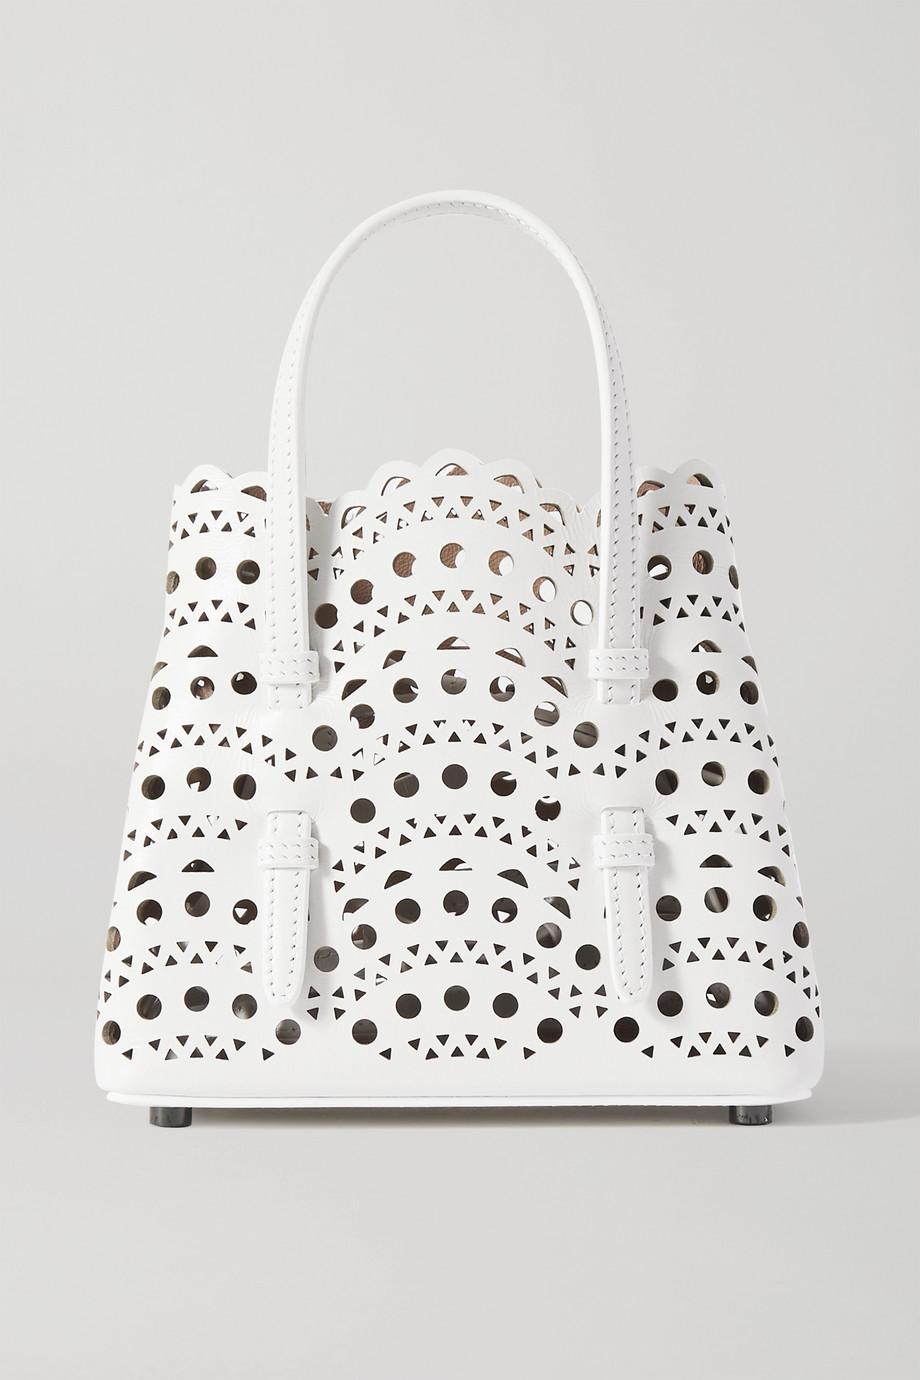 Alaïa Mina 激光雕花皮革迷你手提包